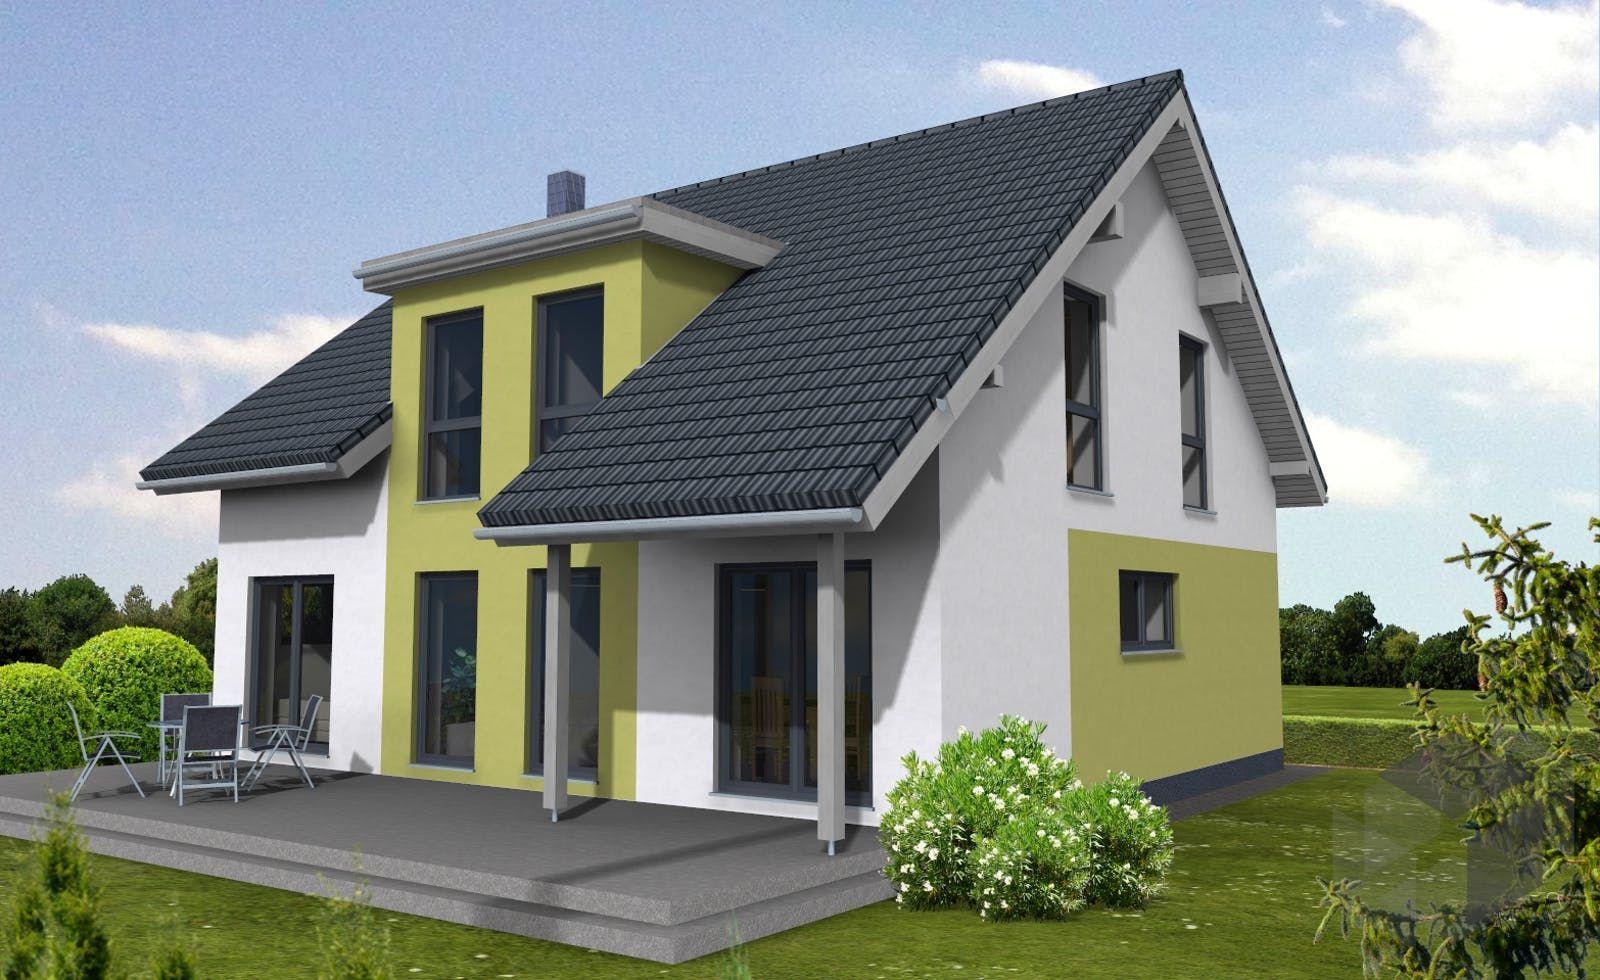 Charming Dieses Und Viele Häuser Mehr Gibt Es Auf Fertighaus.de U2013 Ihr Hausbau Aus  Einer